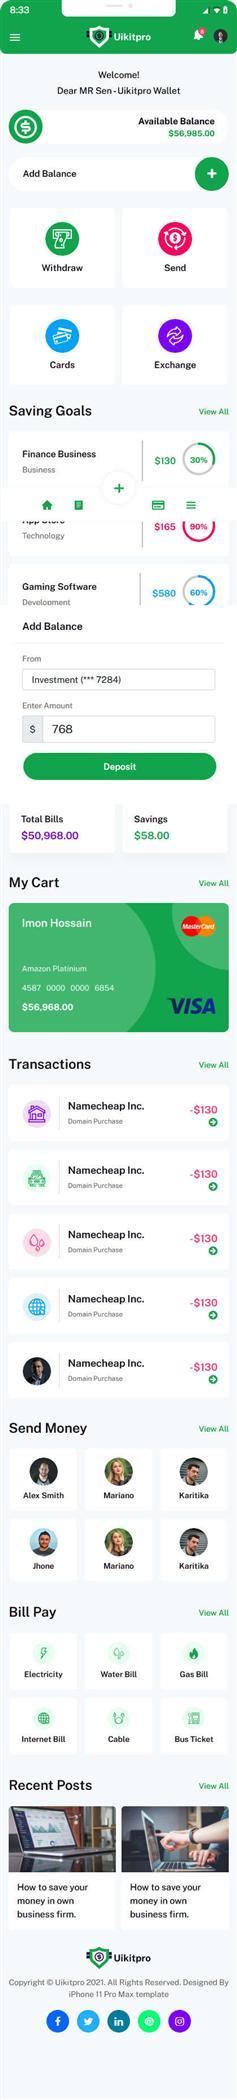 炫酷手机钱包app页面wap模板